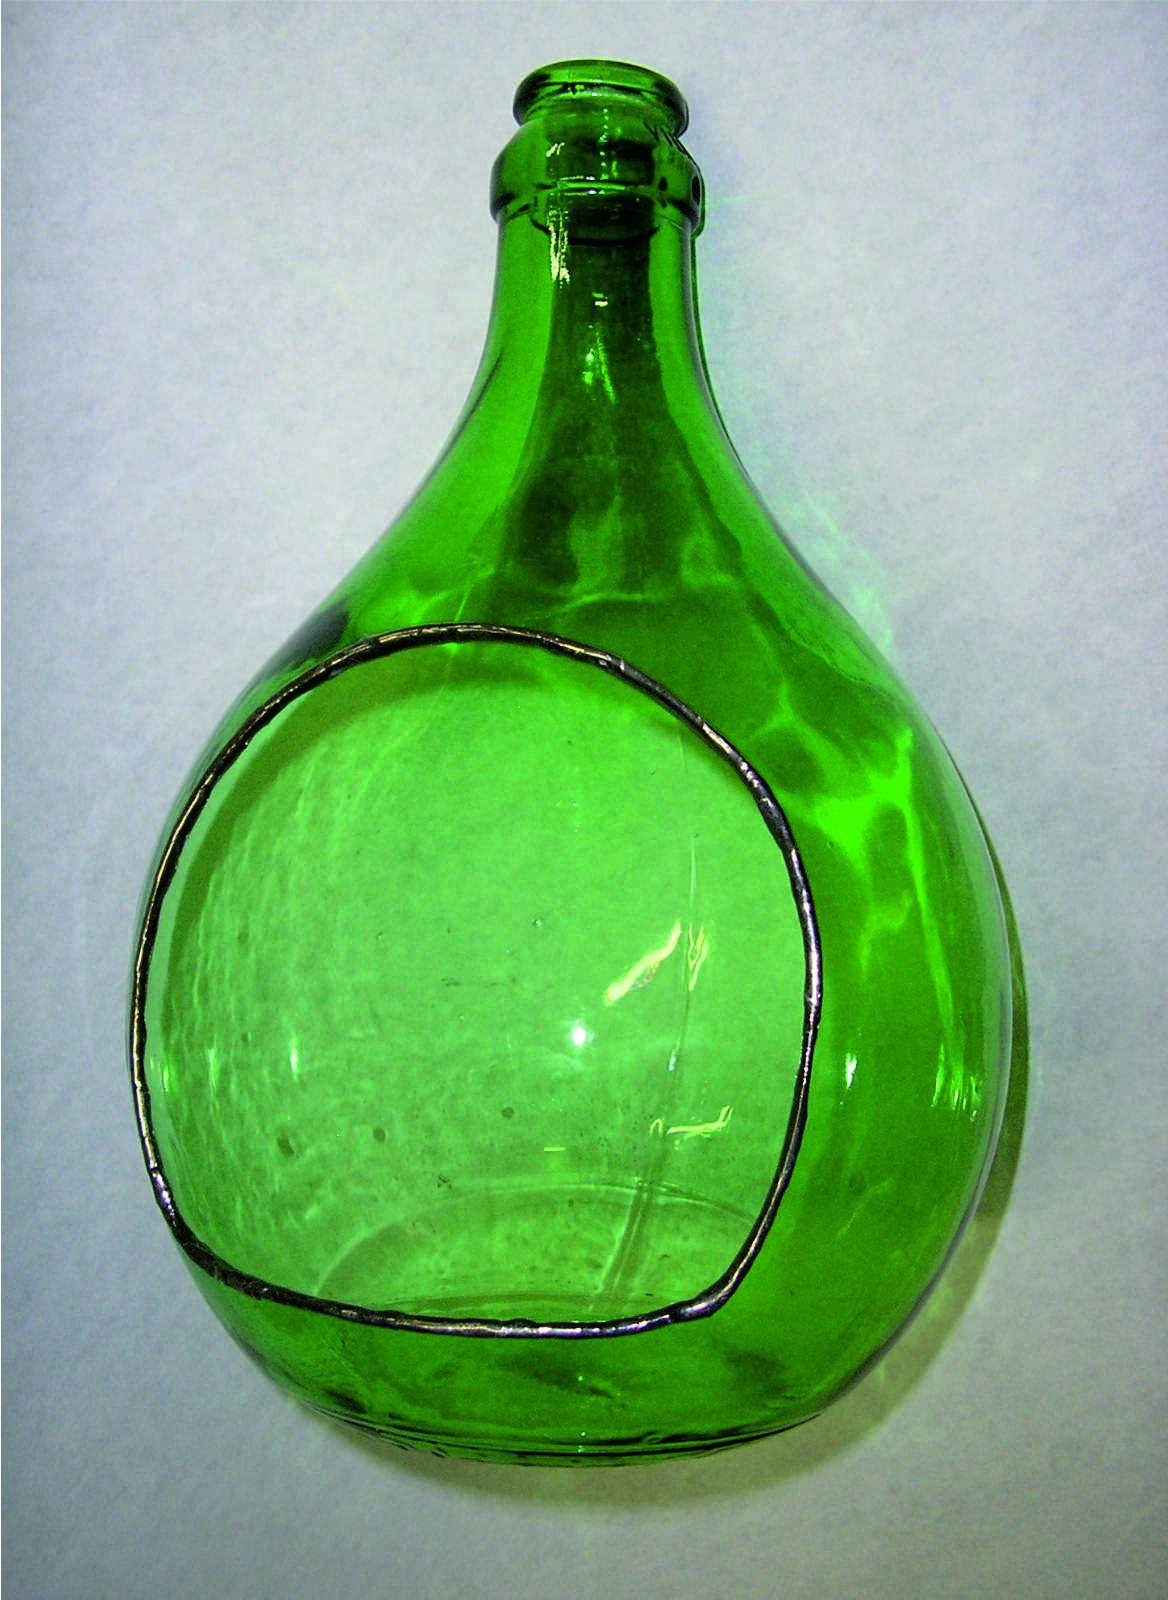 Damigiana da presepe oggetti particolari vetreria for Oggetti particolari